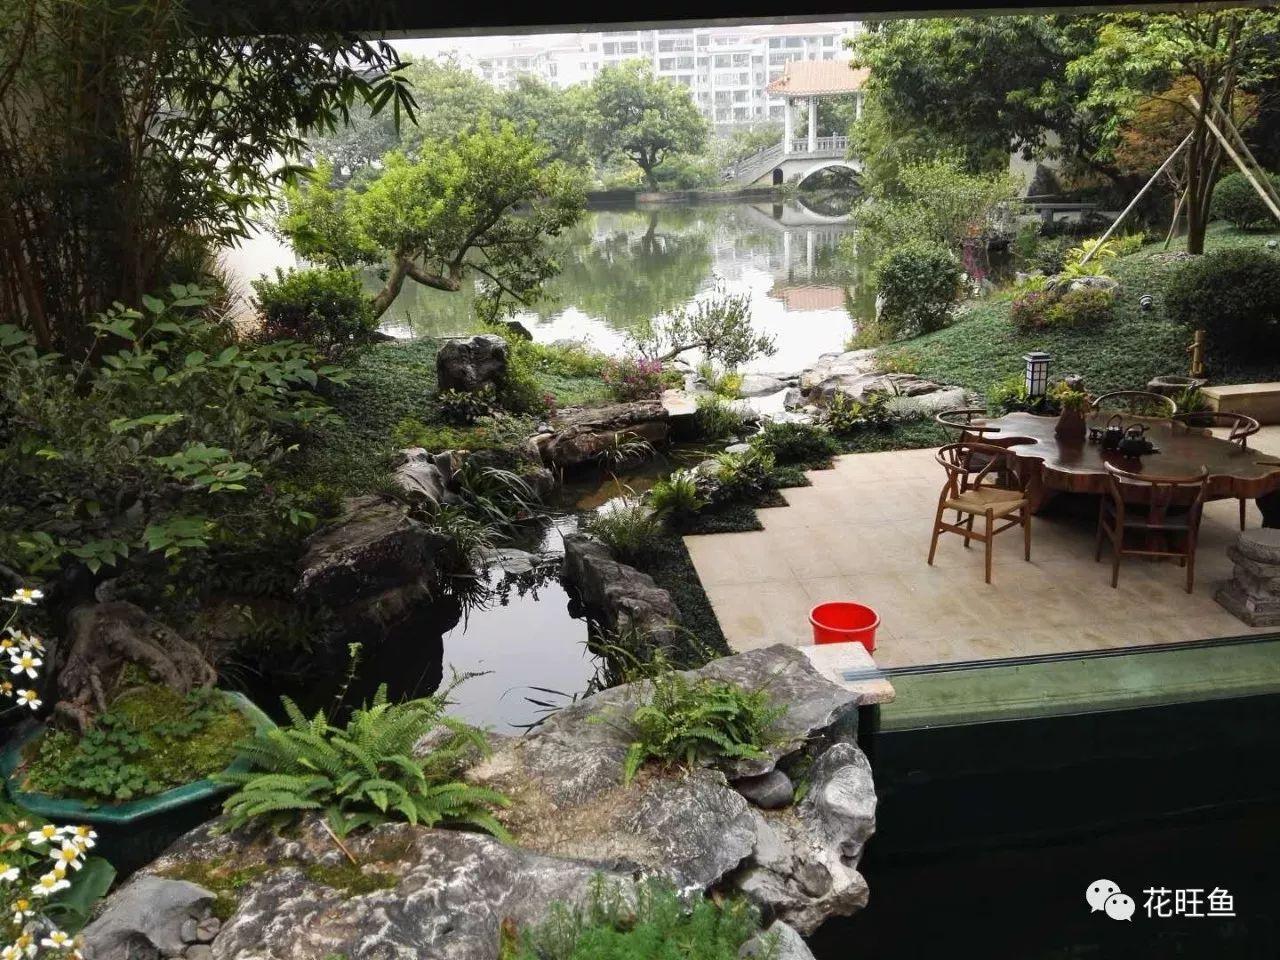 庭院合集:怎么养水才能转运?用5个鱼池花园设计告诉你如何装修